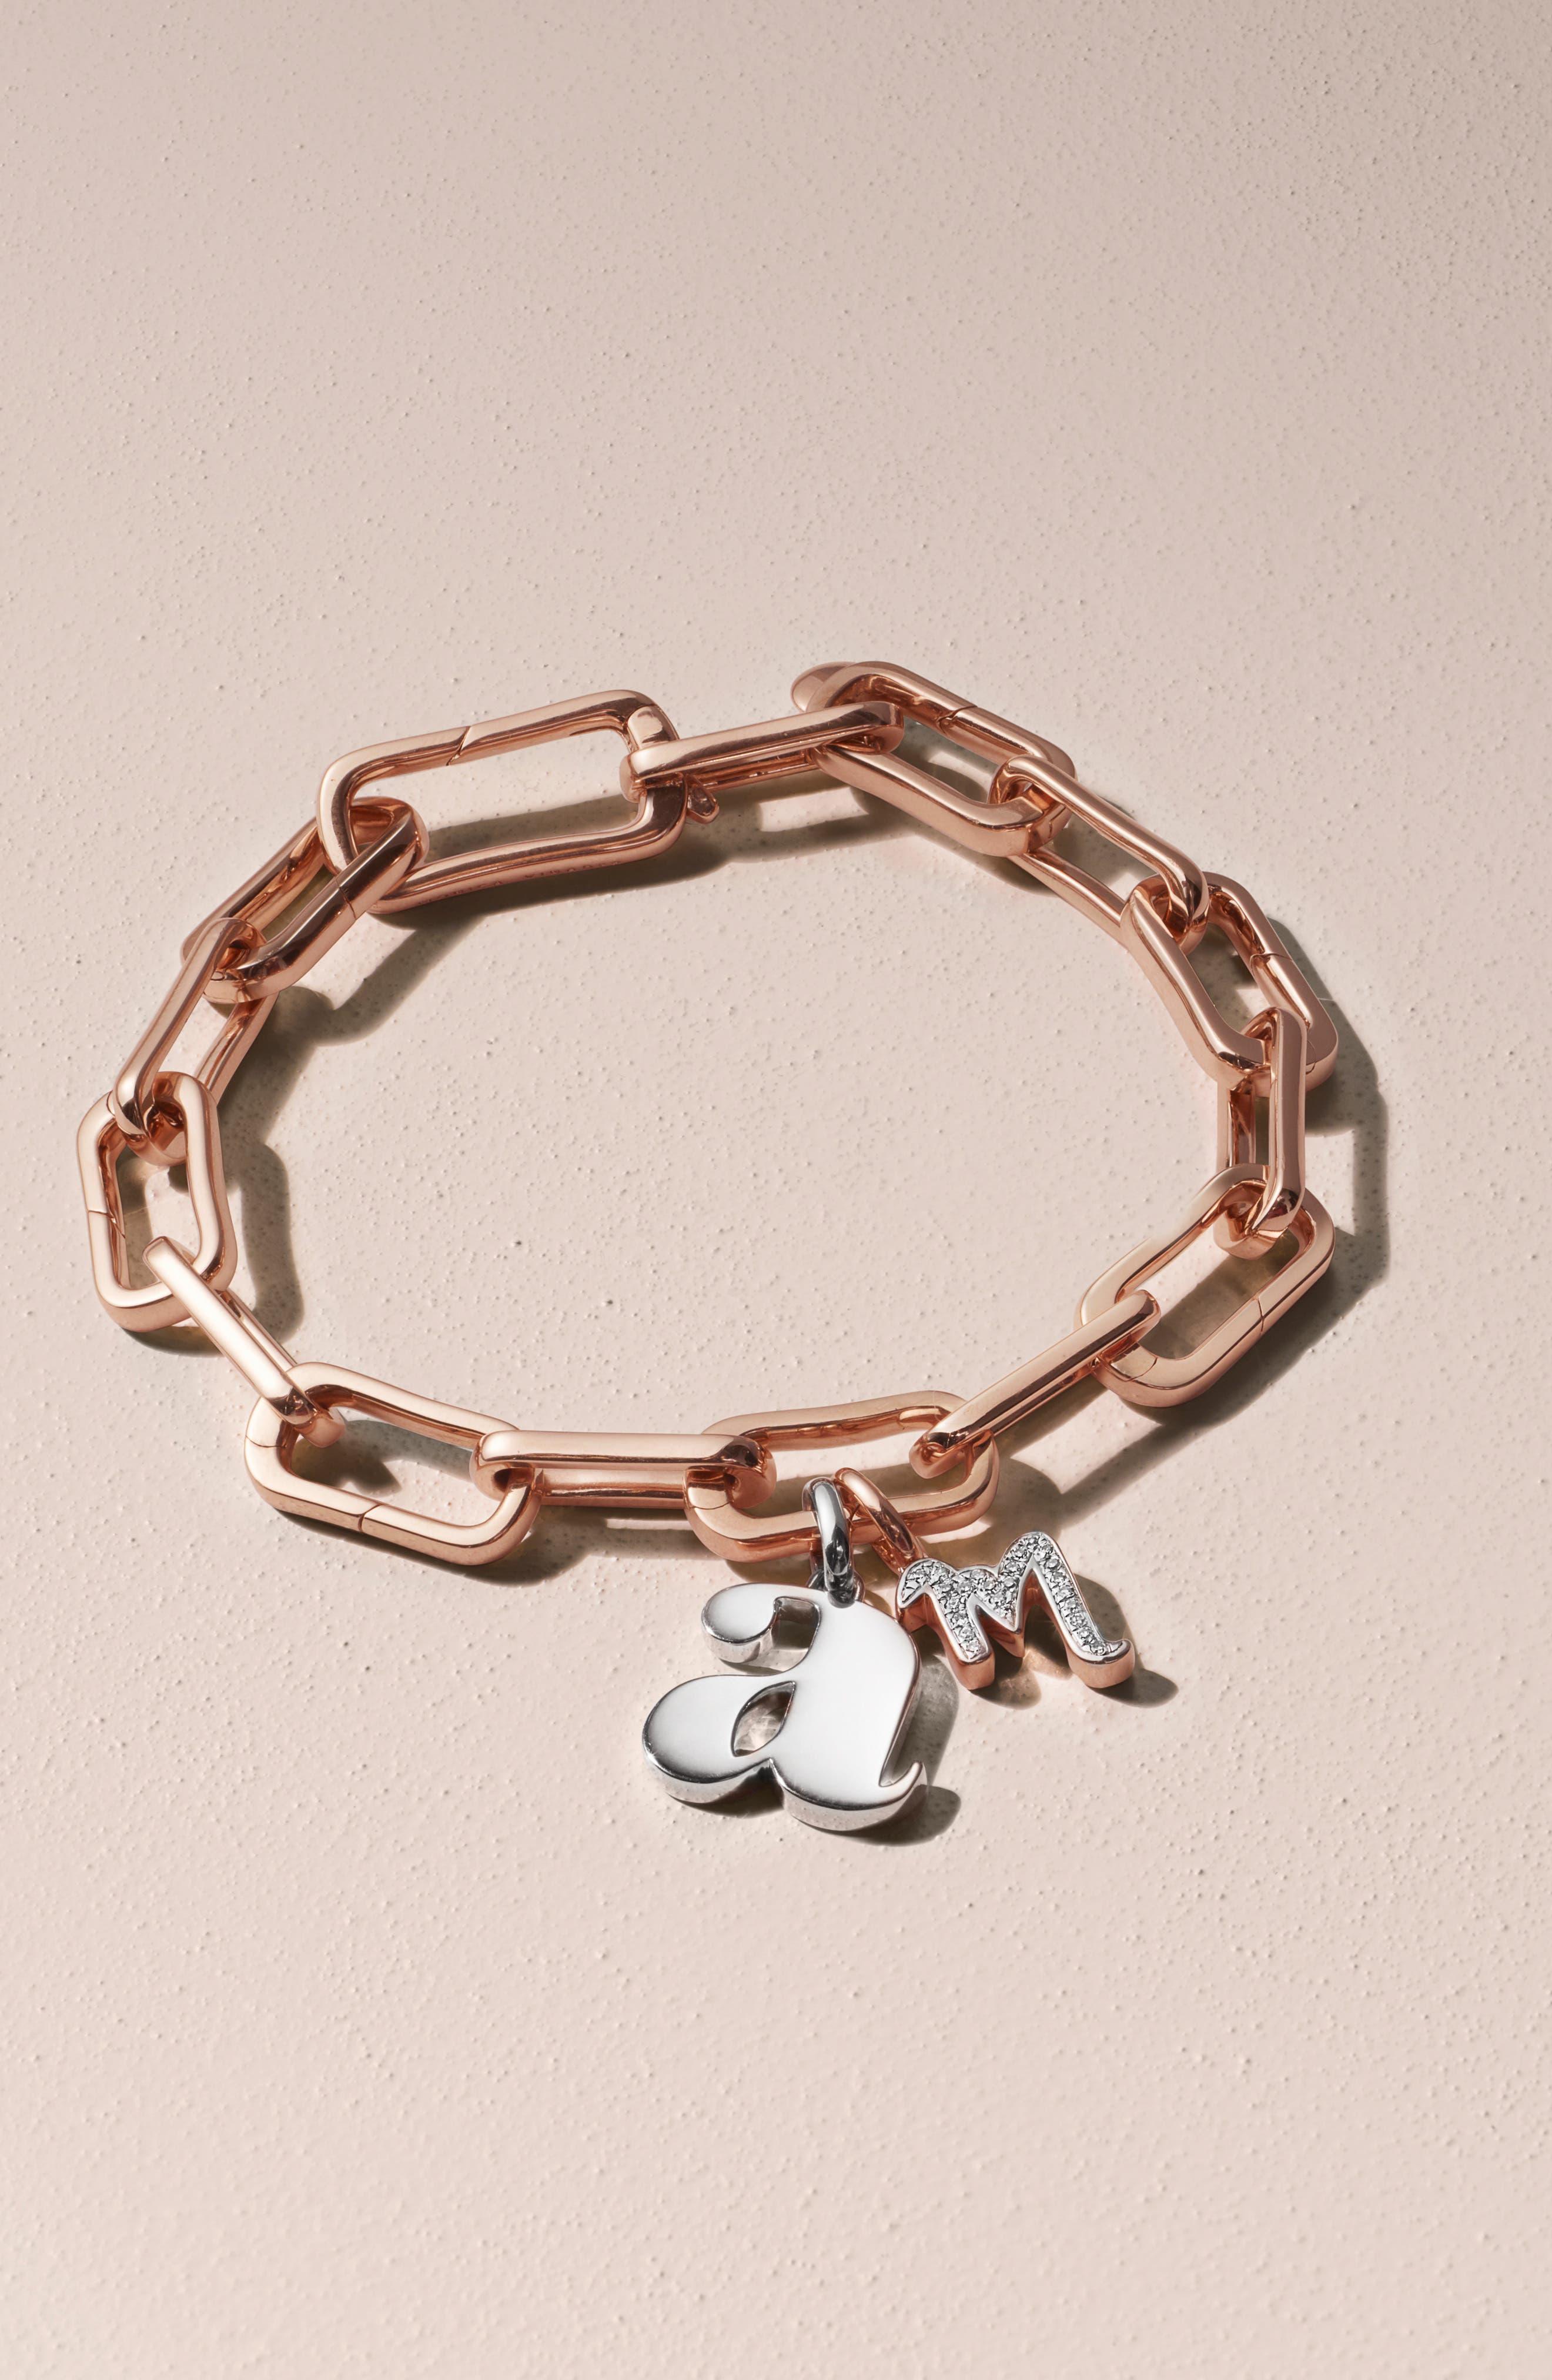 MONICA VINADER, Alta Capture Link Chain Bracelet, Alternate thumbnail 7, color, ROSE GOLD